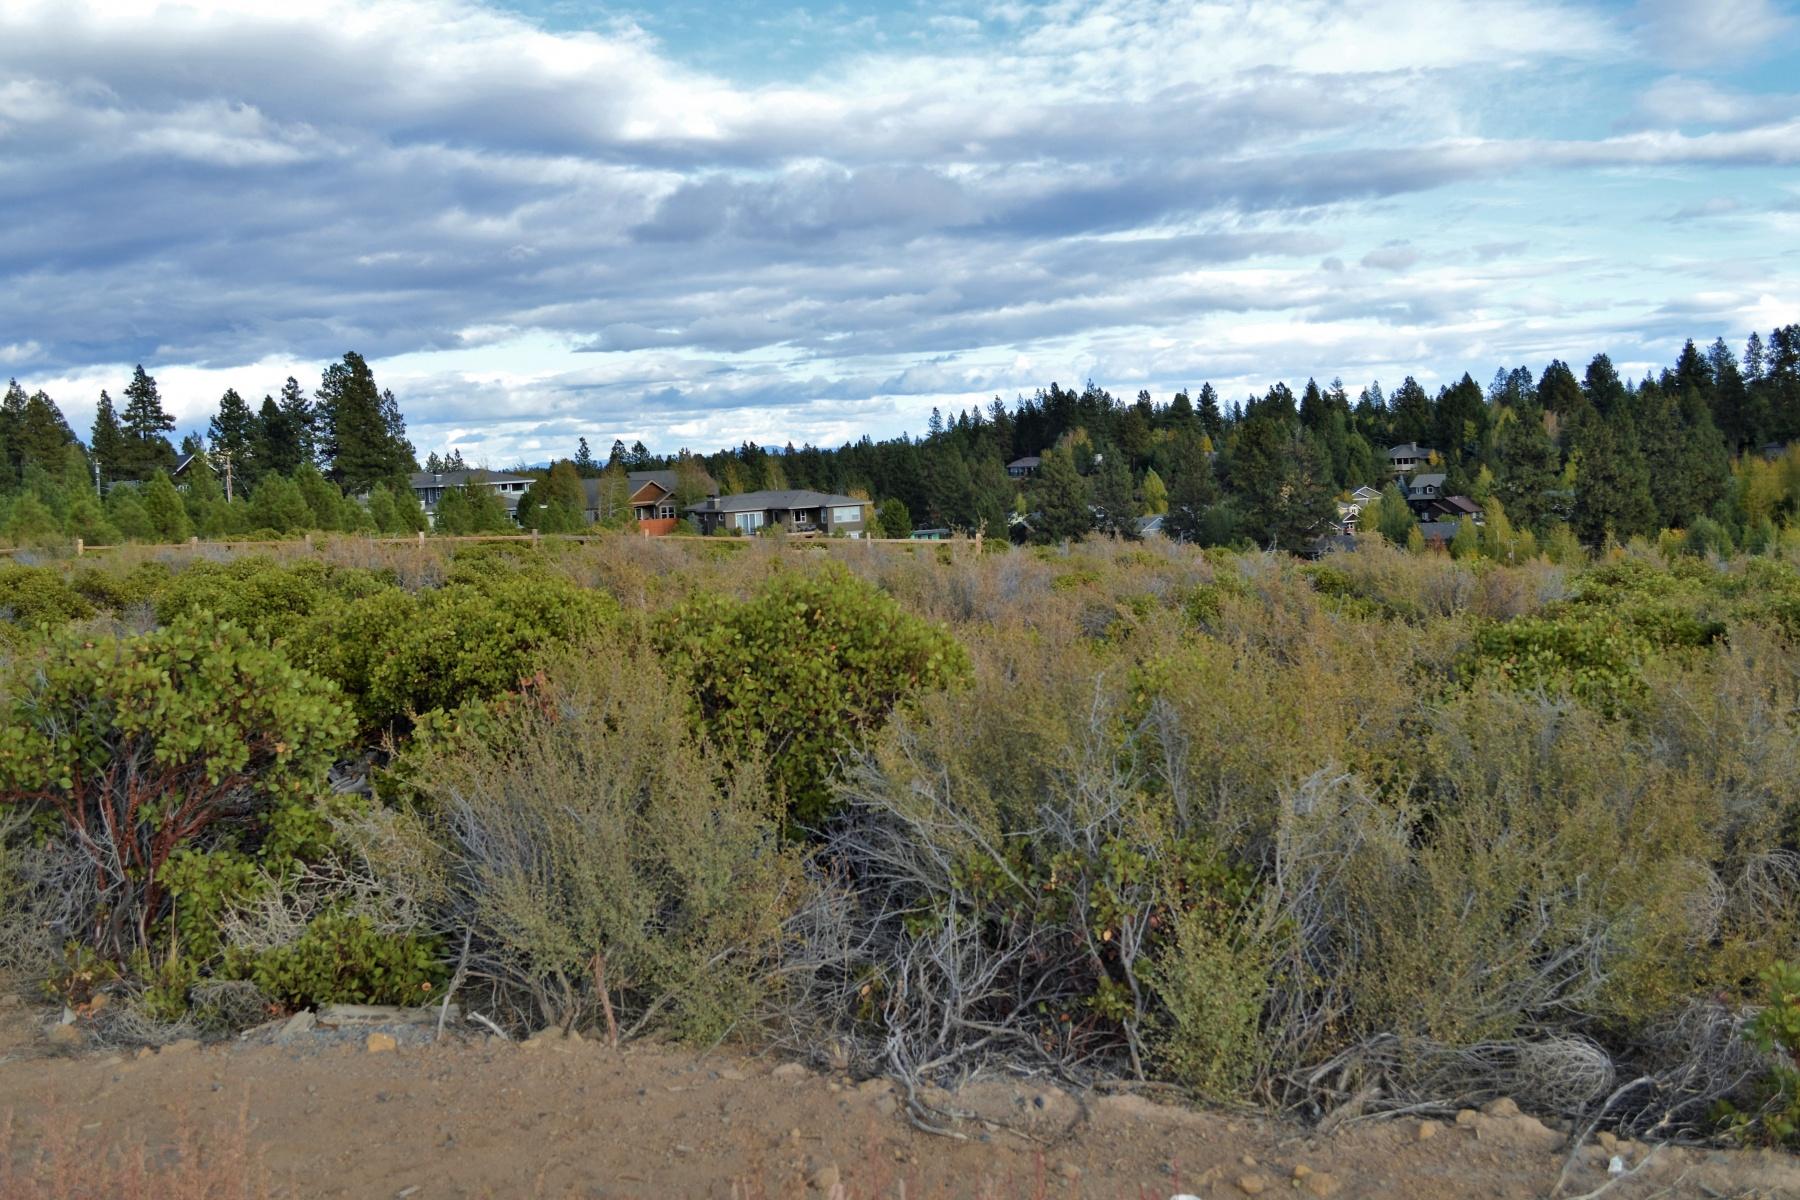 Terreno para Venda às 19341 Outrider Loop Lot 11, BEND Bend, Oregon, 97702 Estados Unidos